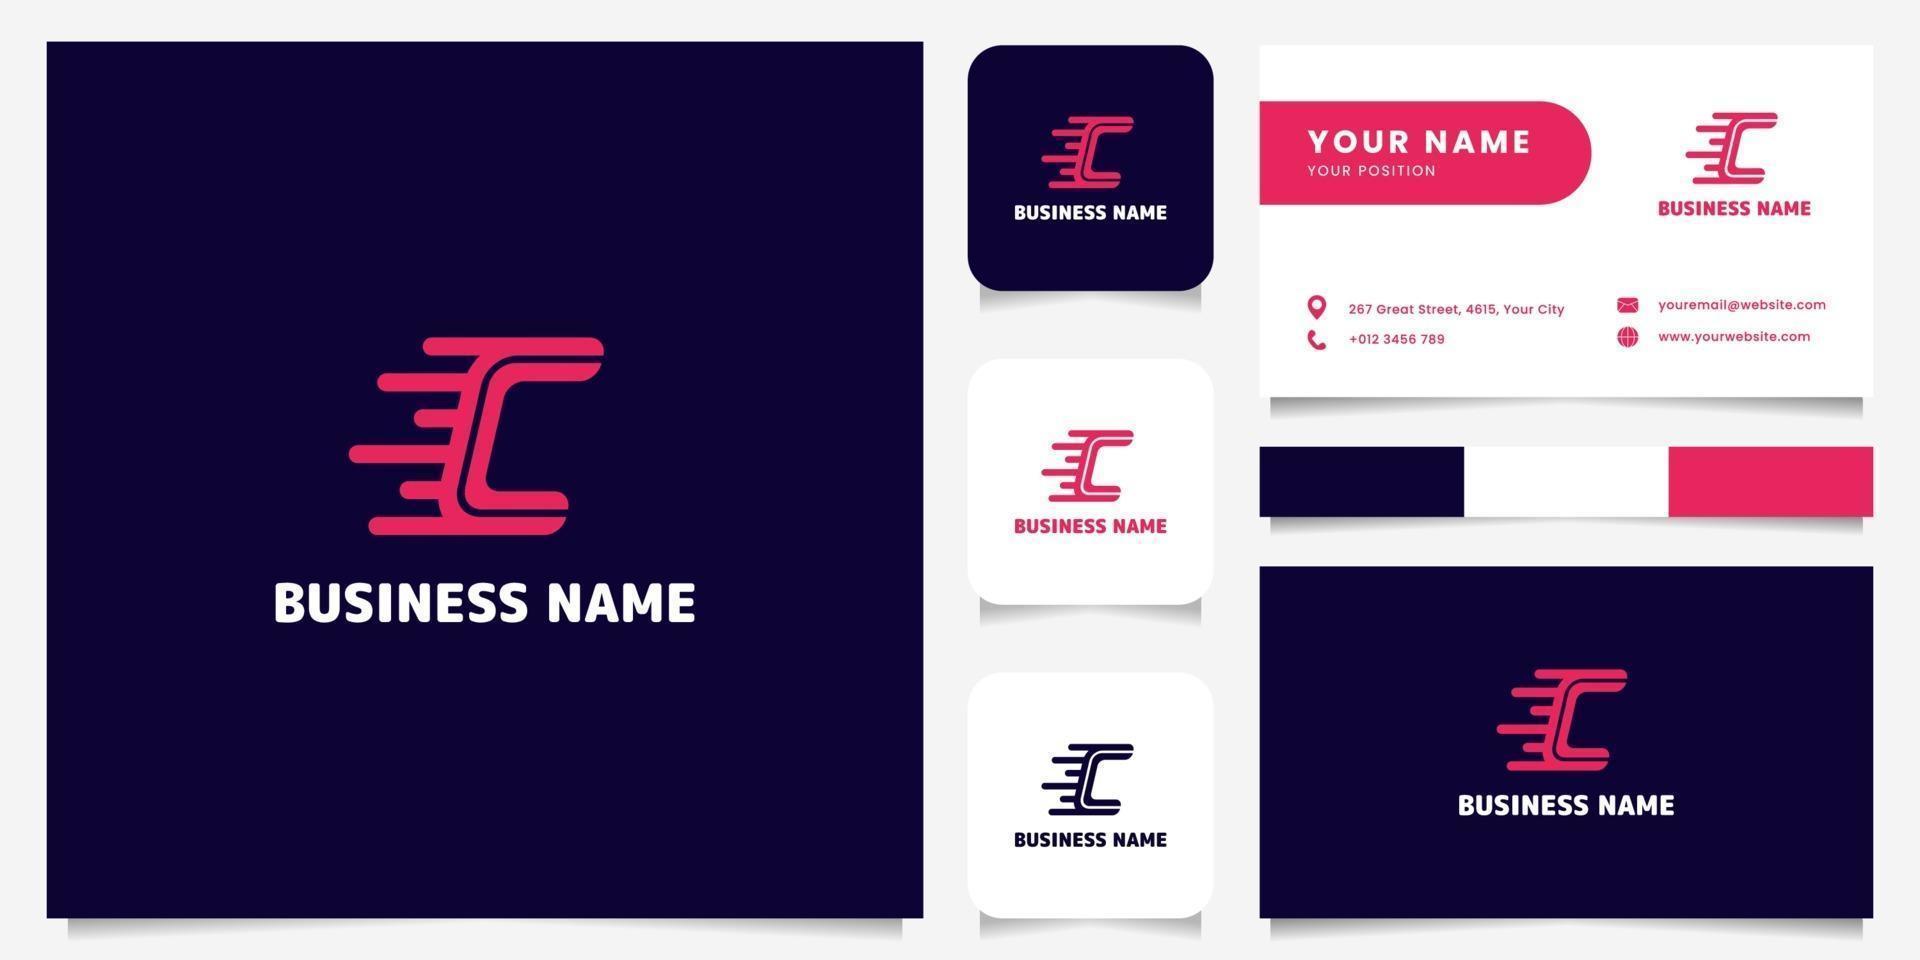 logo di velocità lettera c rosa brillante semplice e minimalista nel logo di sfondo scuro con modello di biglietto da visita vettore